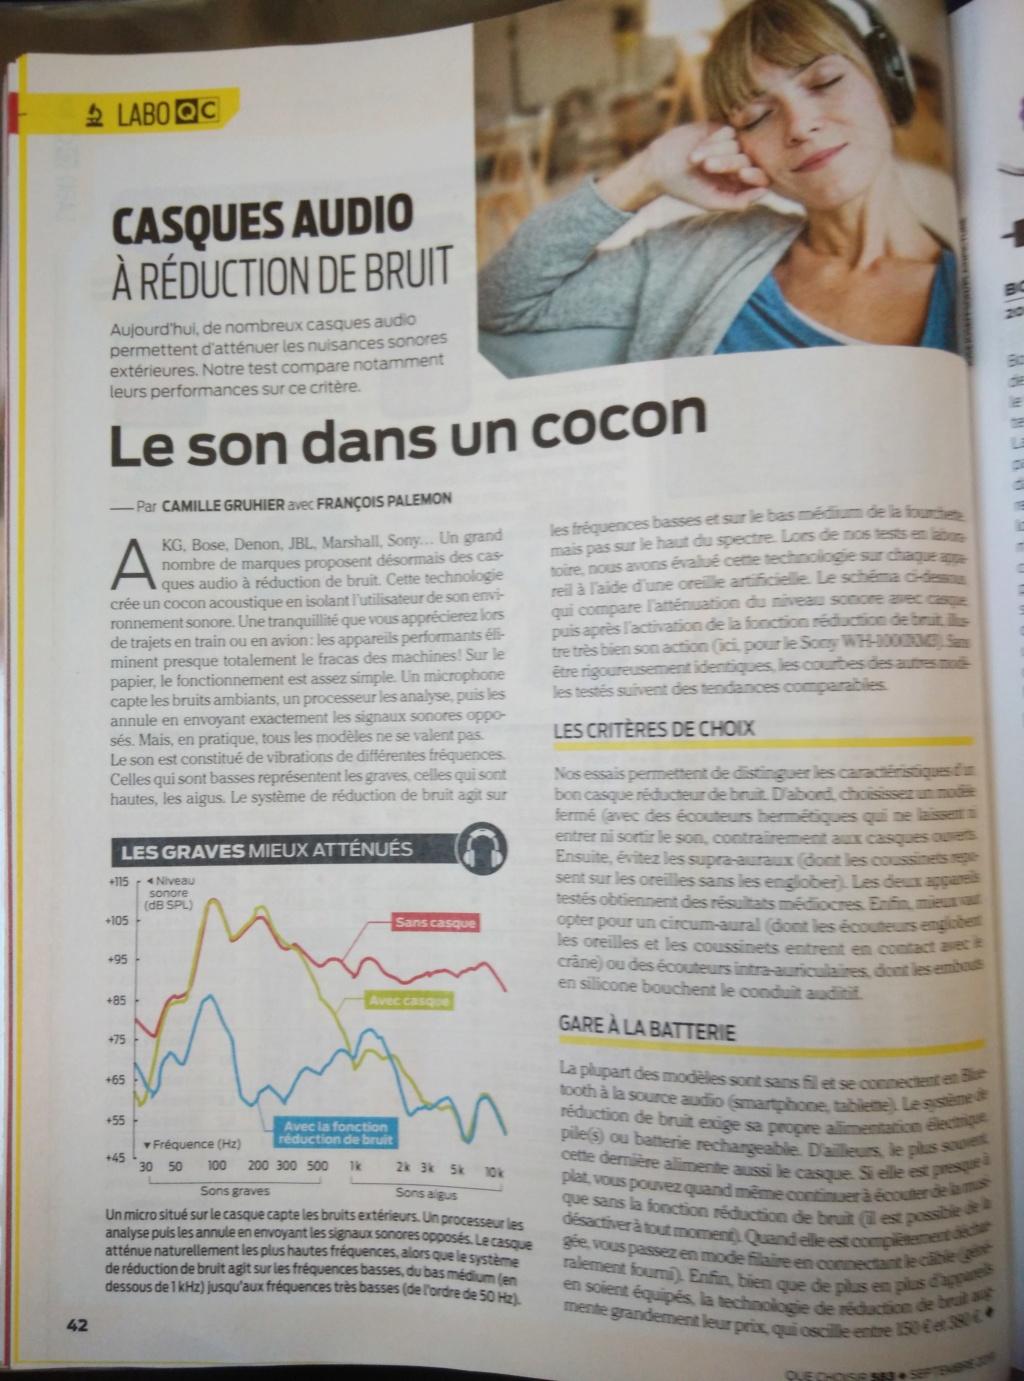 Engin electric de l'IUT de l' Aisne: 2019...reflexion mobilité - Page 16 Img_2028